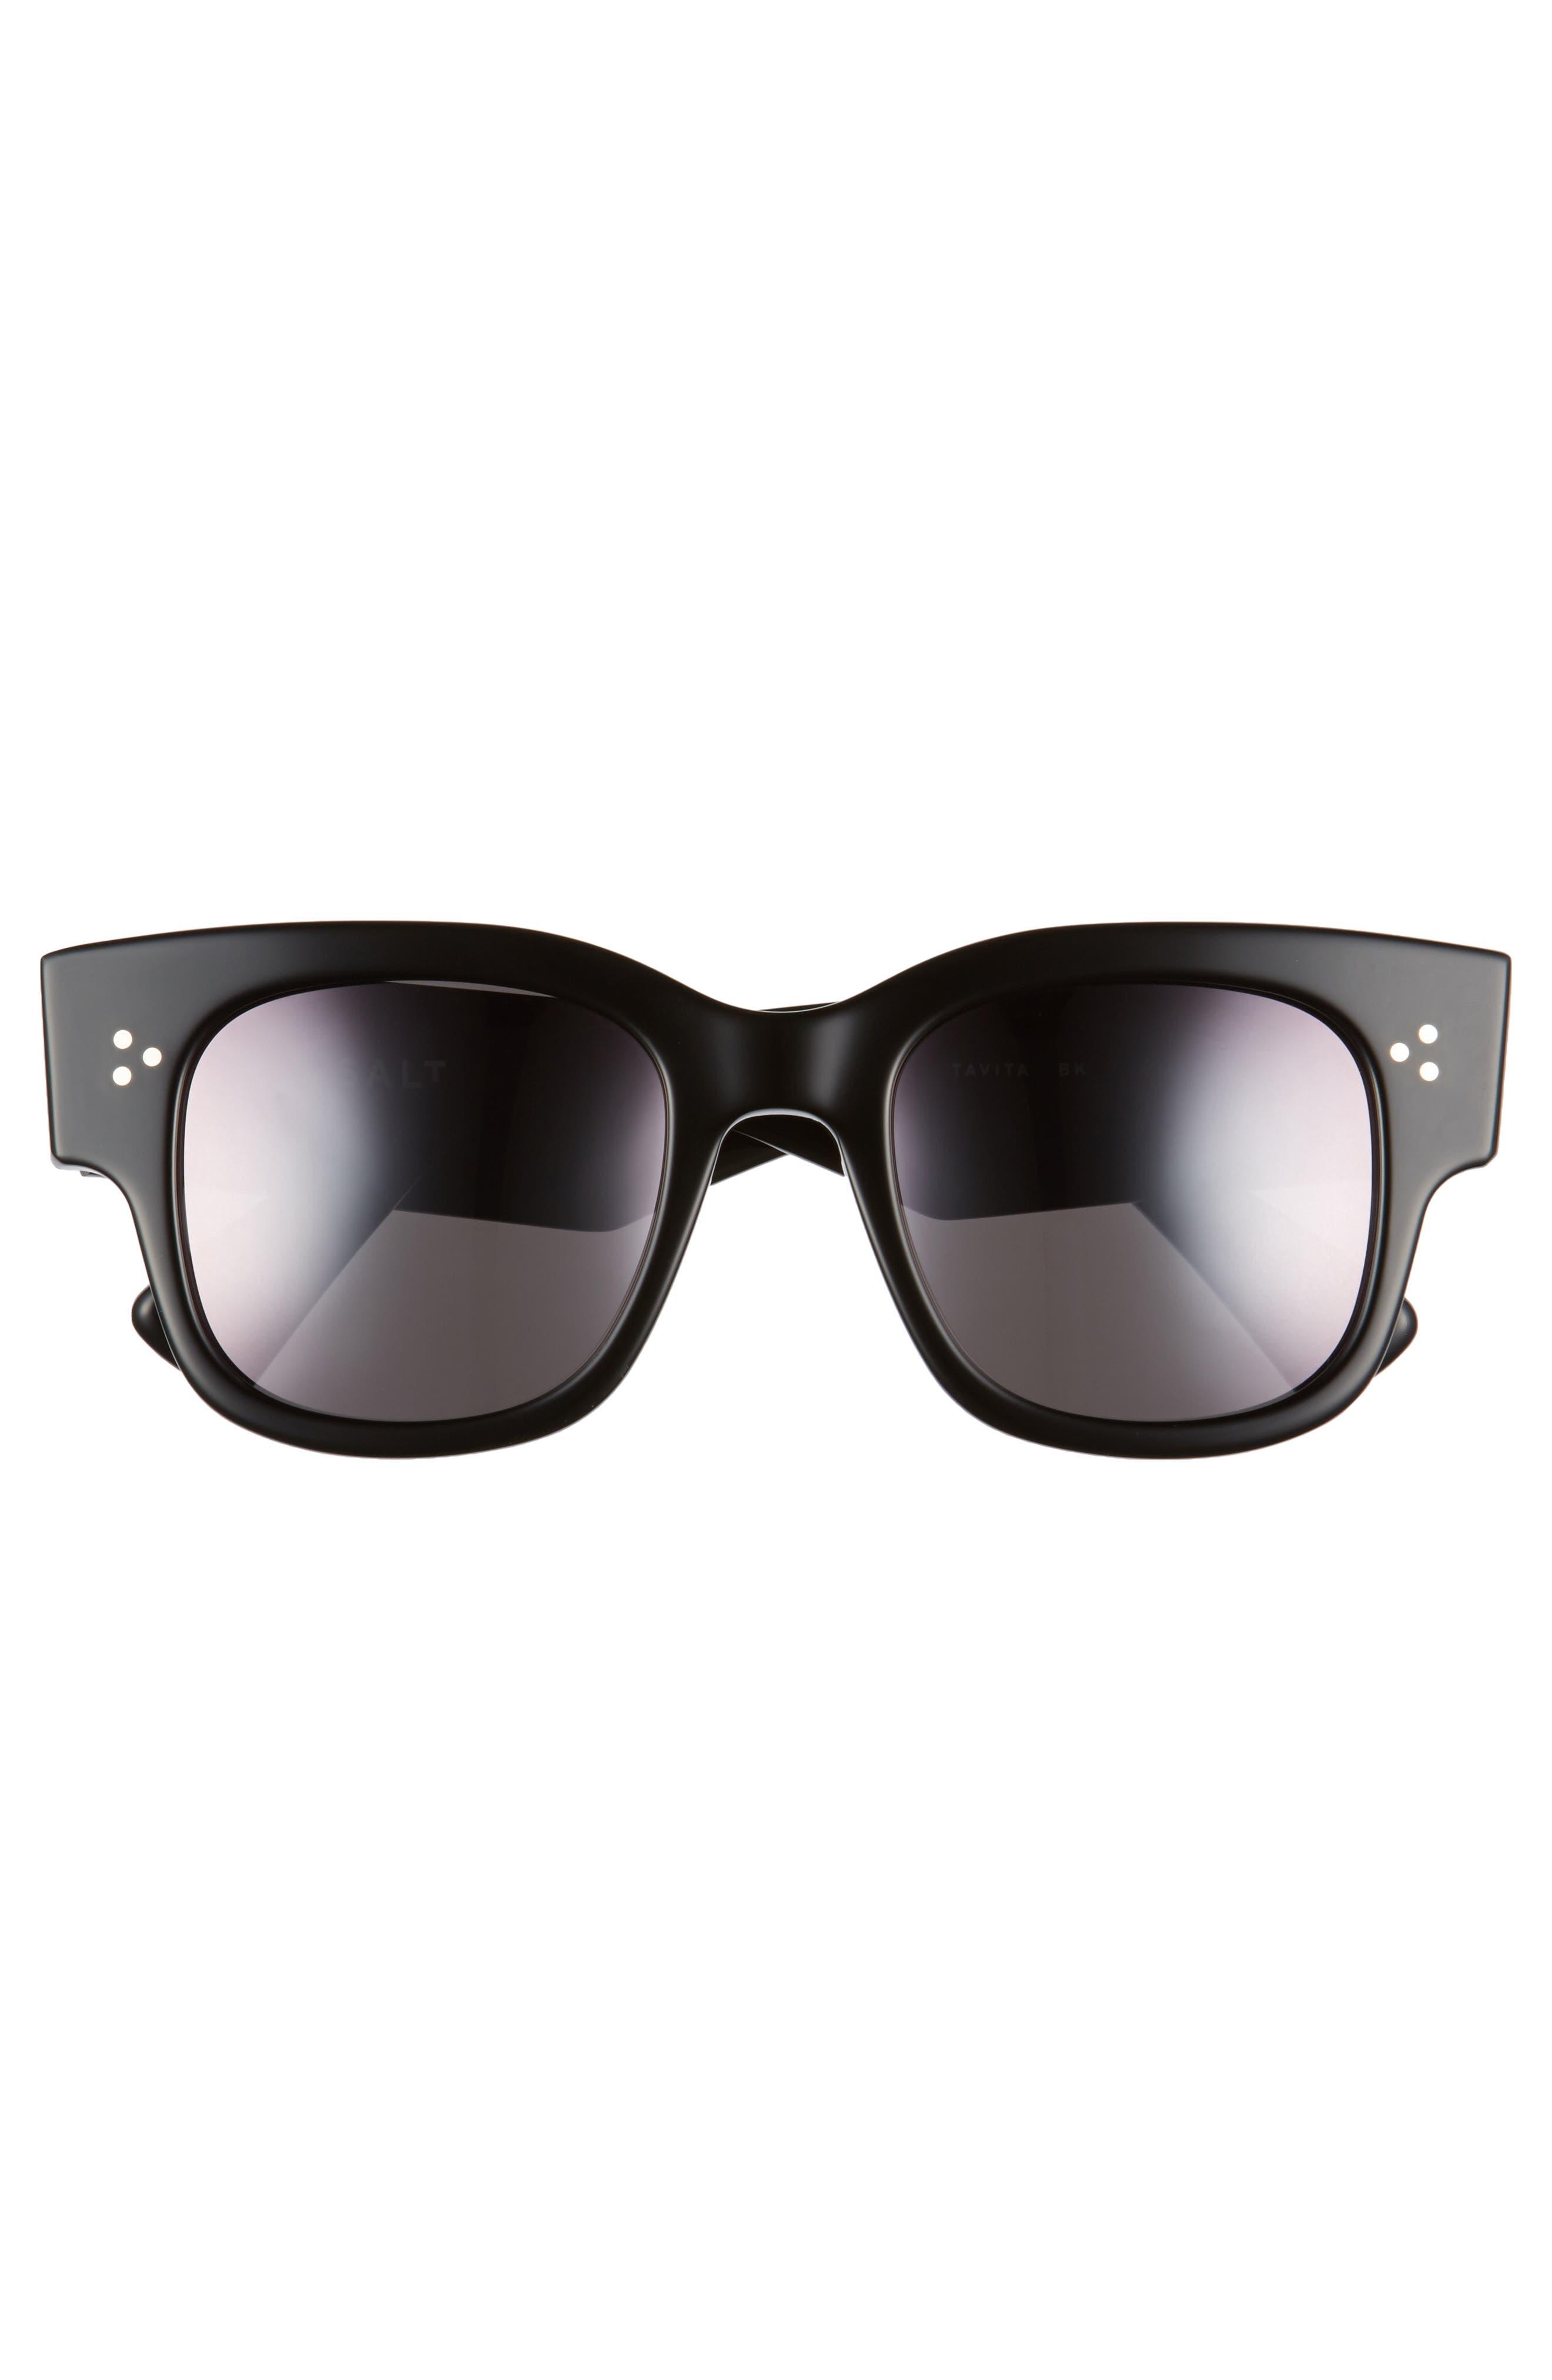 Tavita 50mm Polarized Square Sunglasses,                             Alternate thumbnail 3, color,                             BLACK